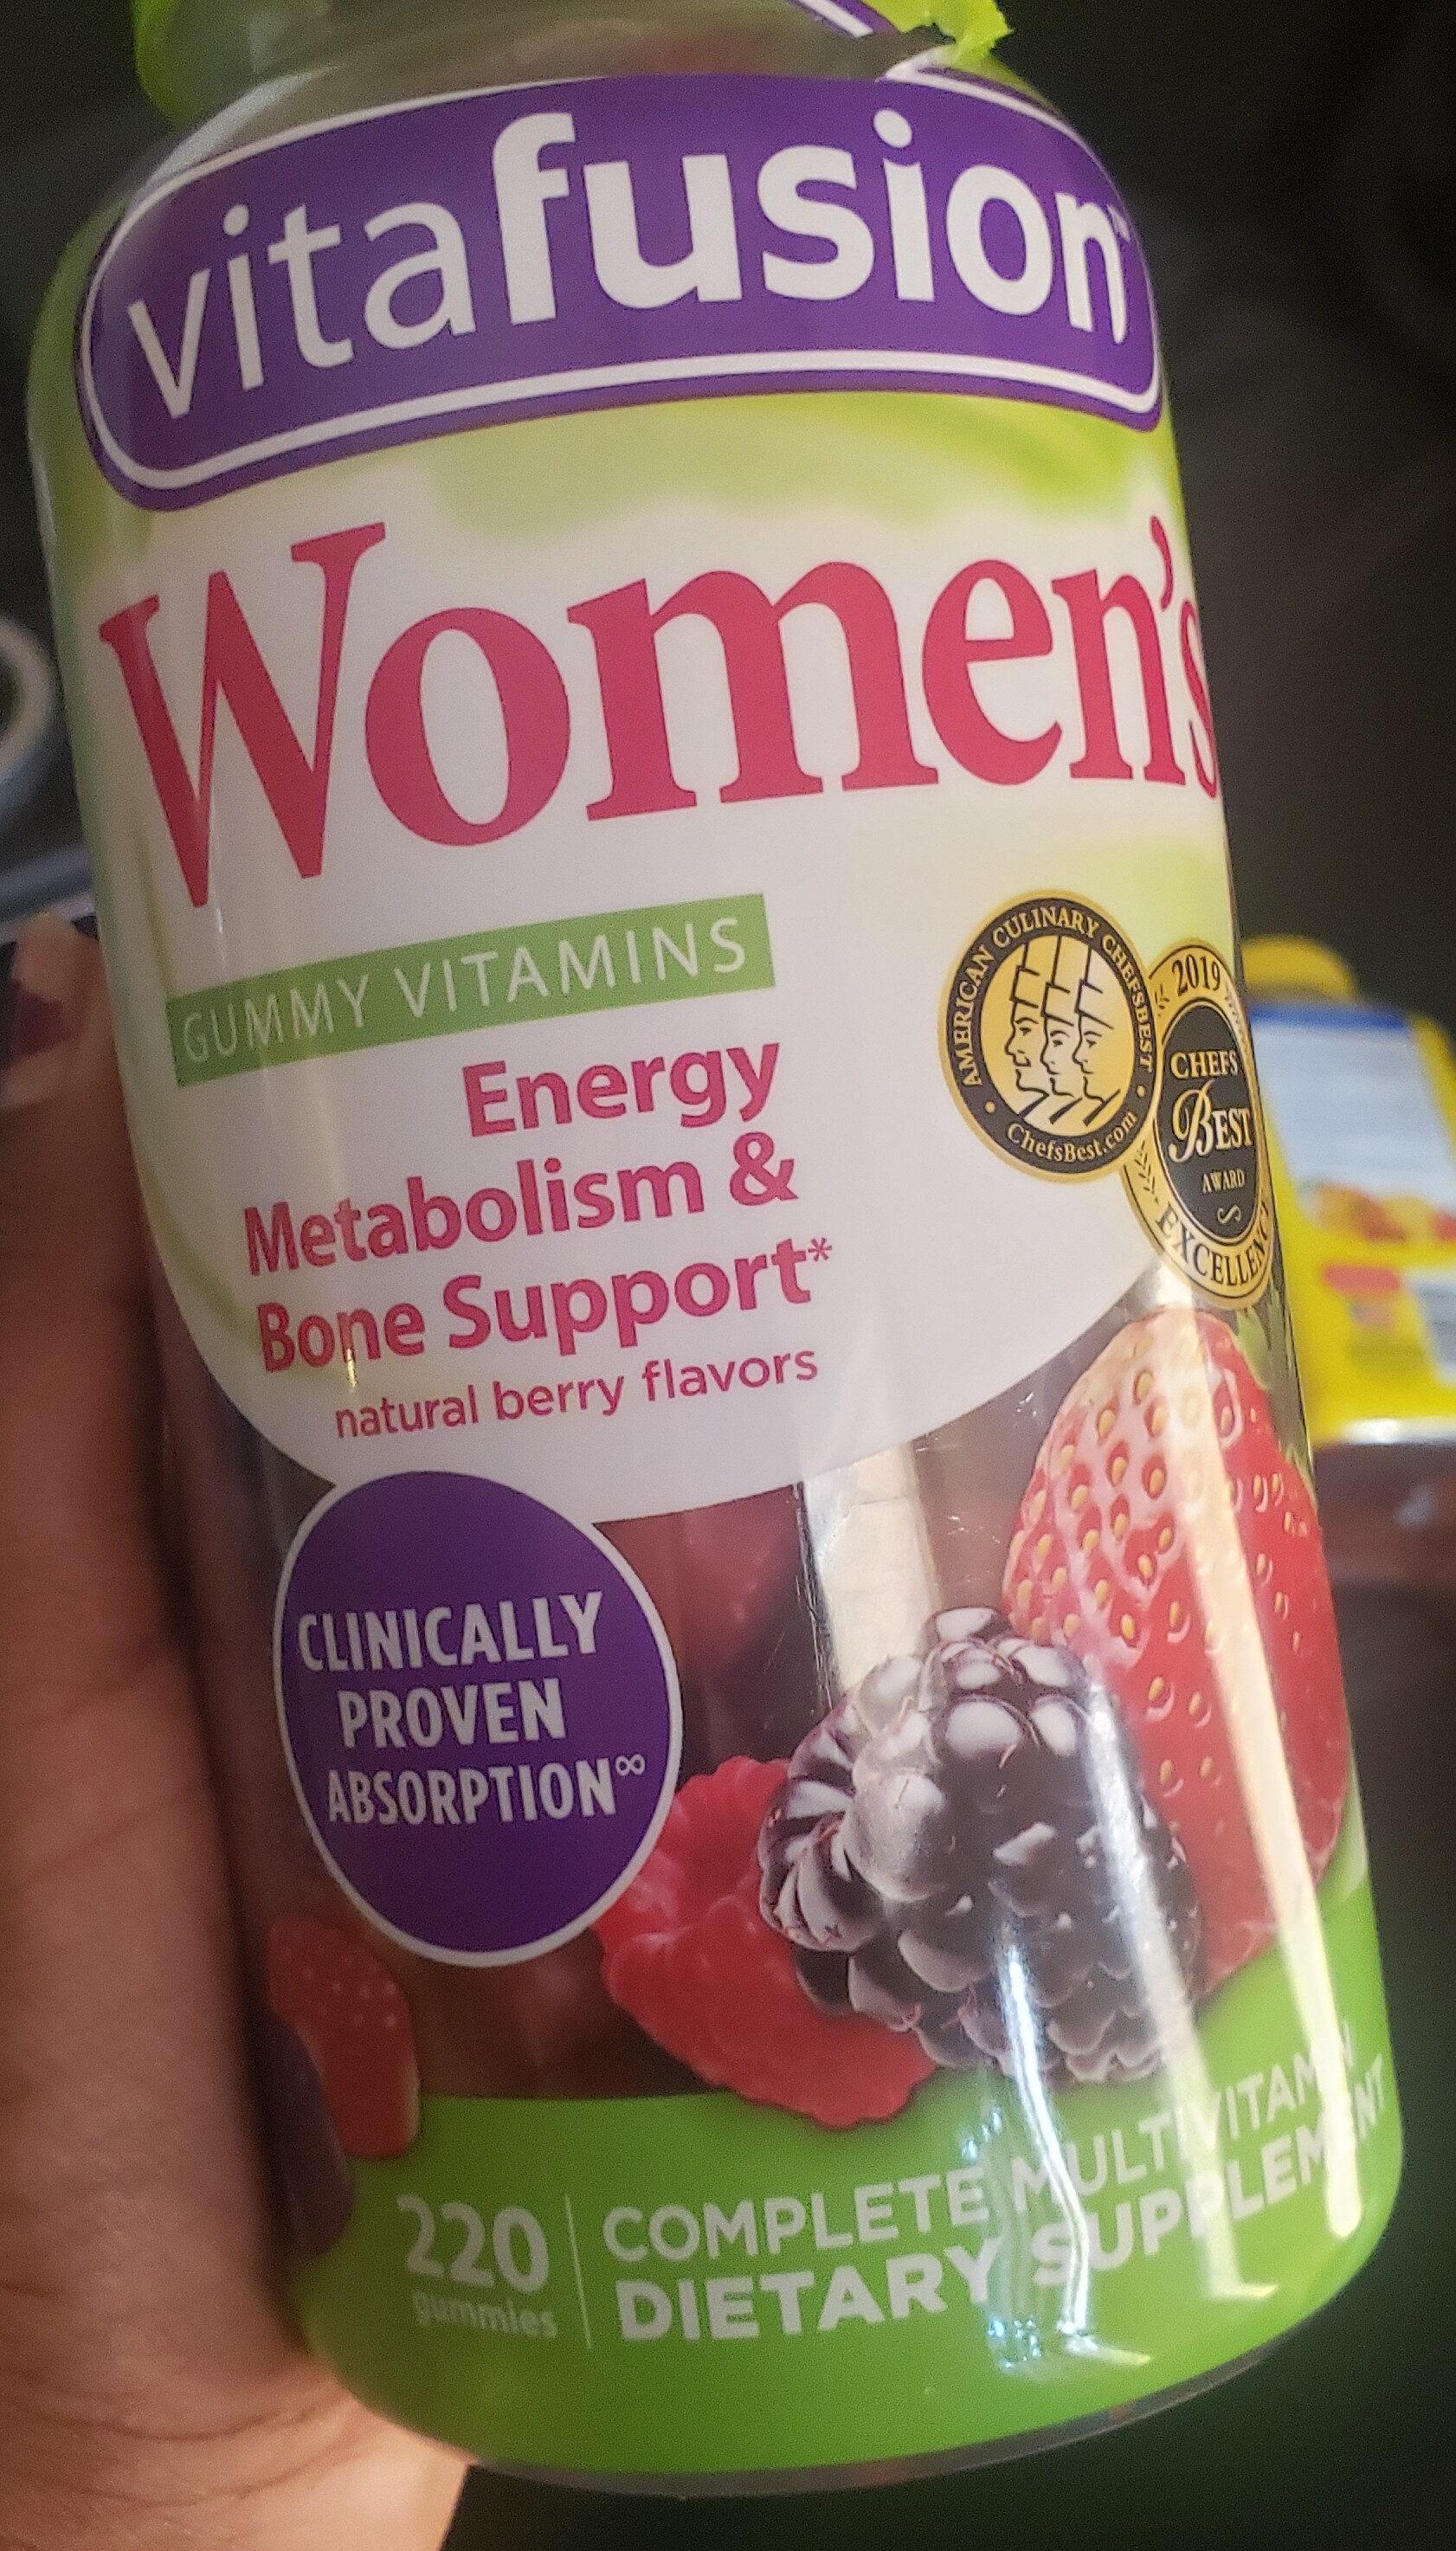 Vitafusion gummy vitamins - Produit - en